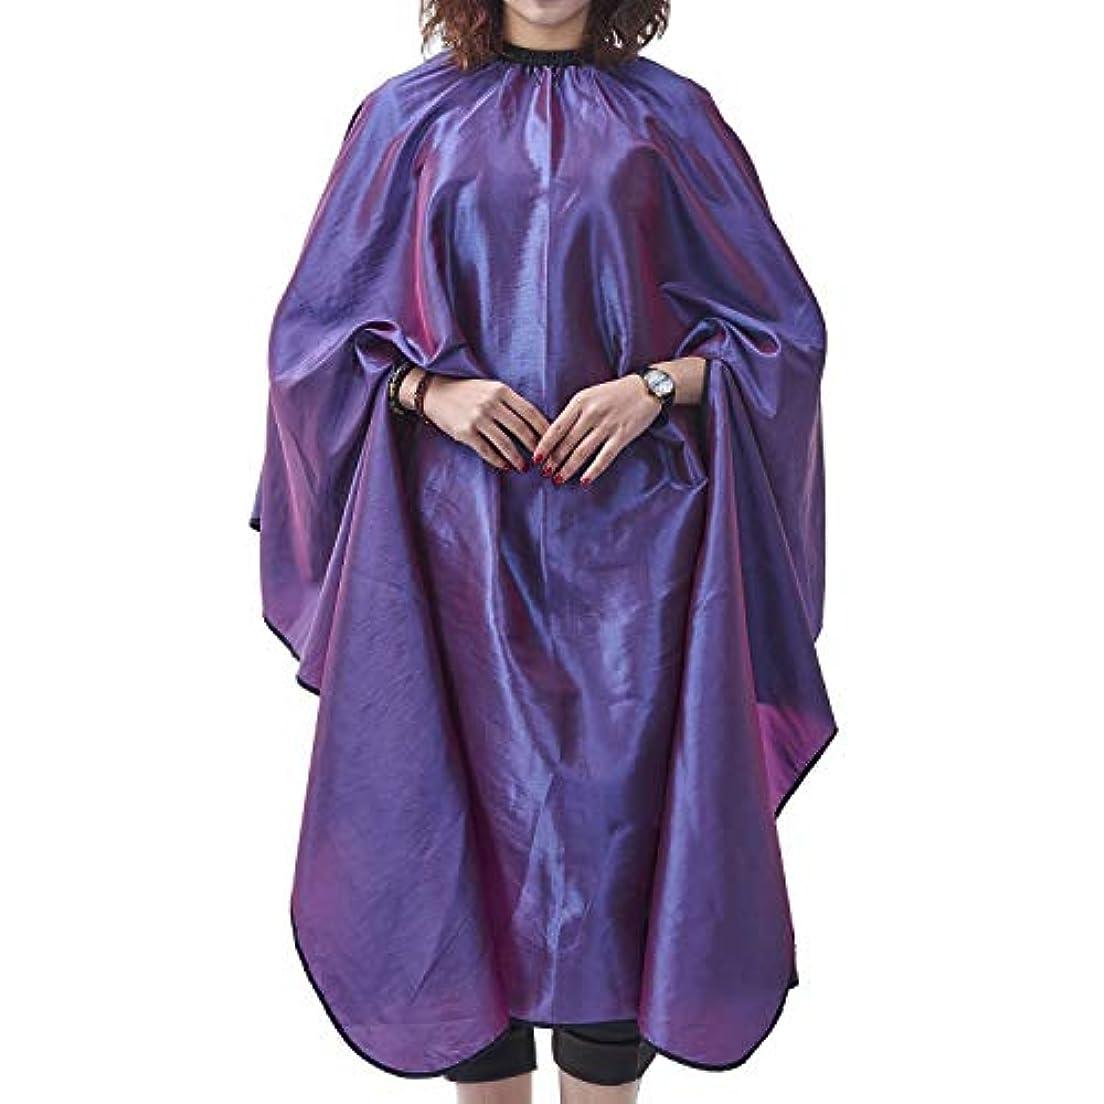 逃げるアルコールはしごHIZLJJ サロンケープエプロンバーバーシャ??ンプーオイルスタイリングヘアカット美容師職業理髪店用品よだれかけ (Color : Purple)